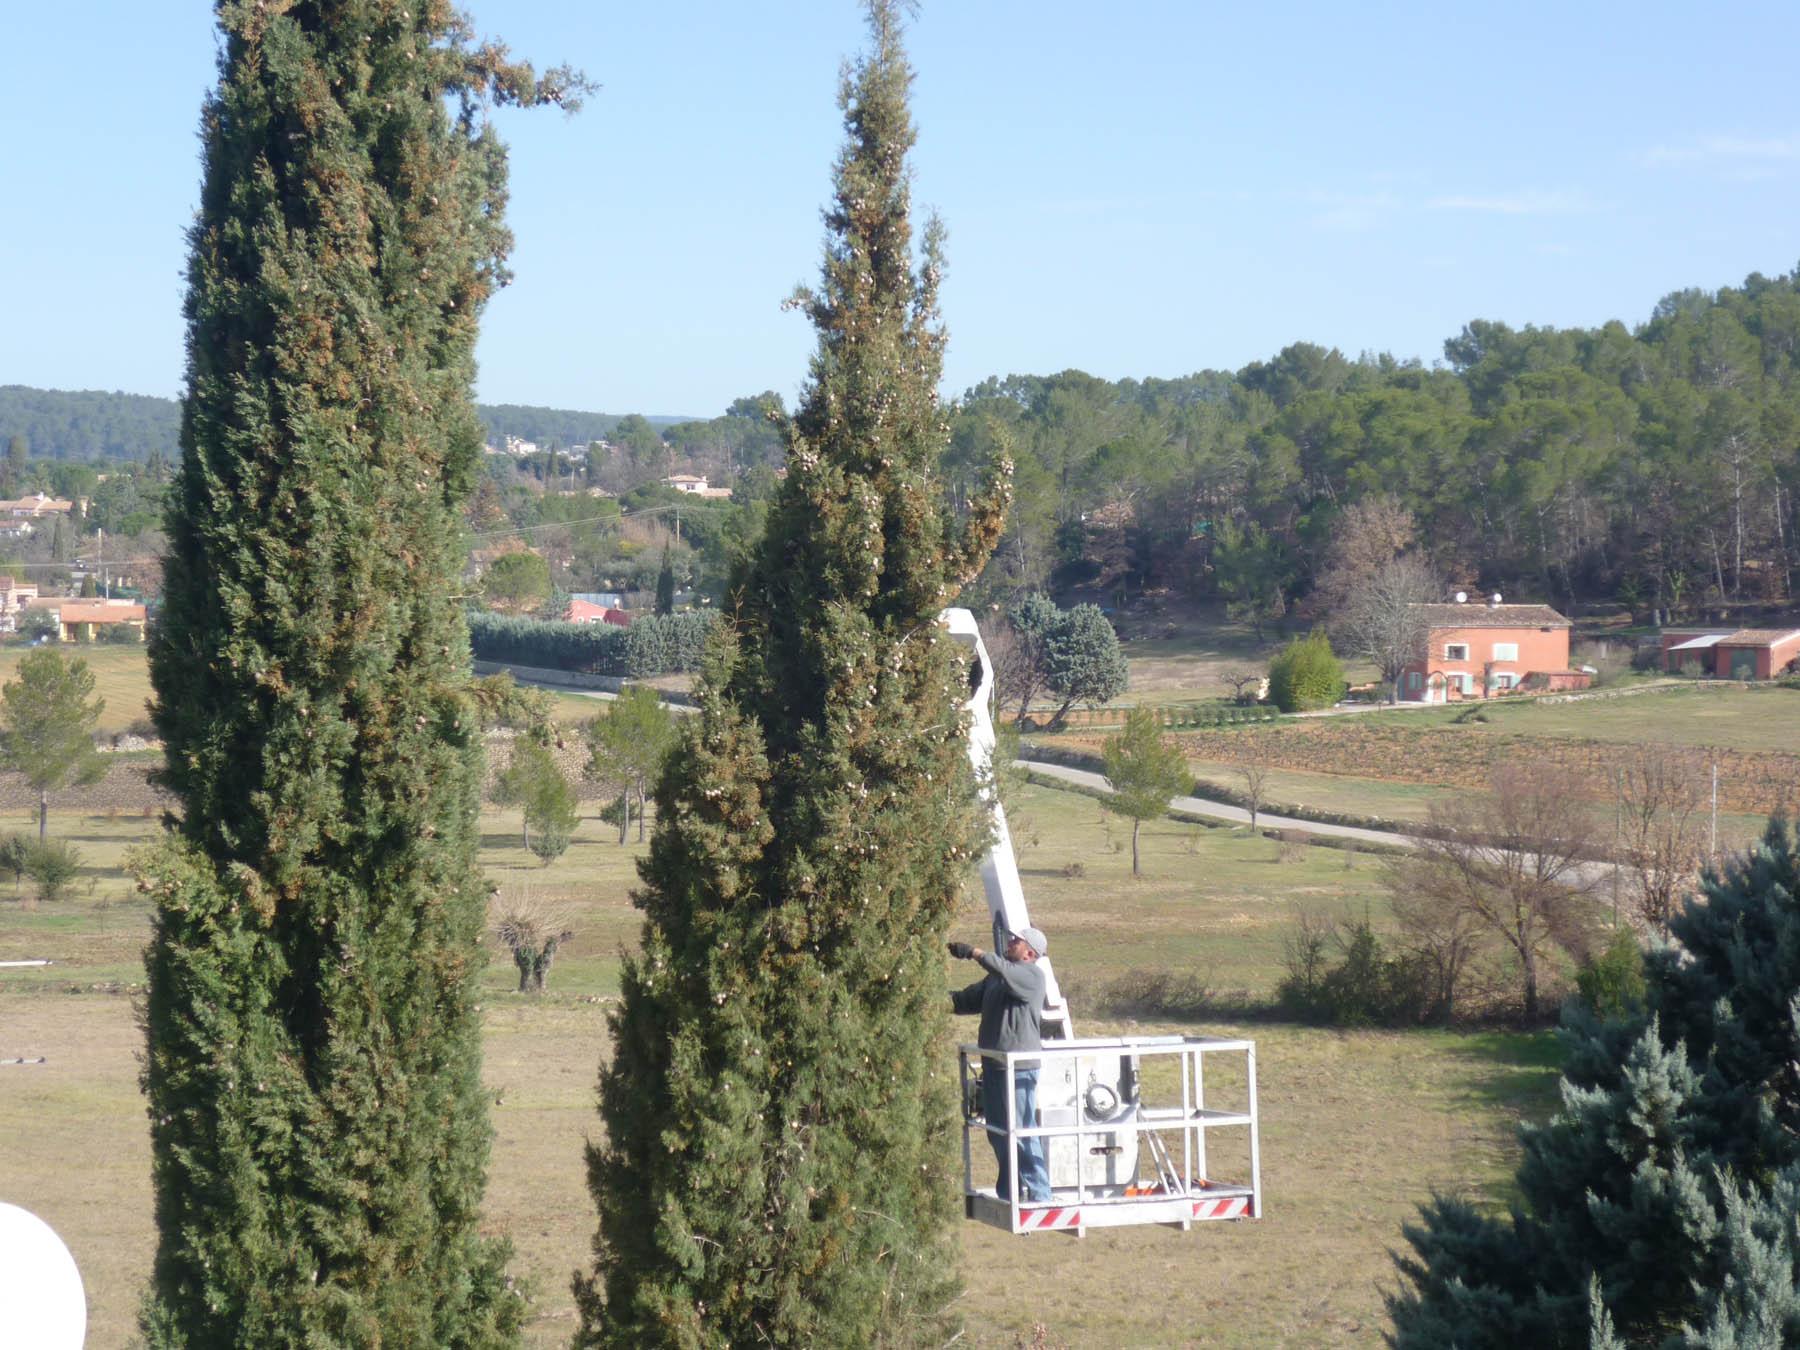 Cypr s de provence taille ornementale frejus st rapha l draguignan - Les jardins de provence 77 ...